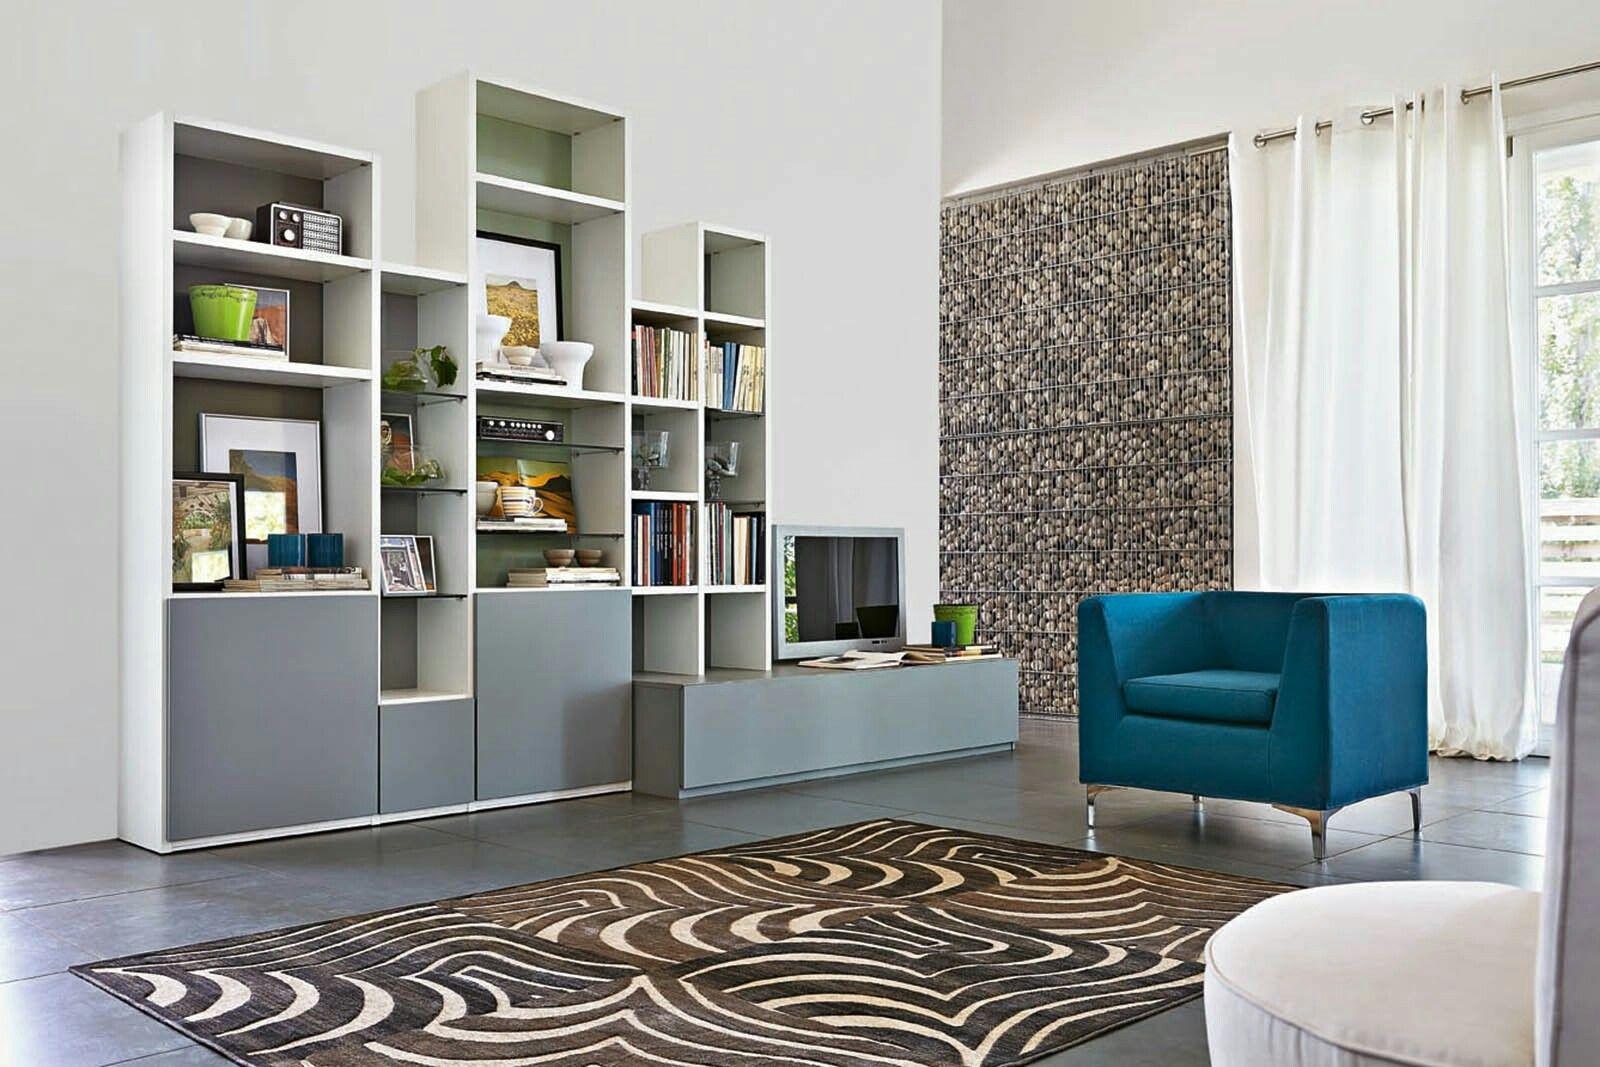 Tappeto soggiorno moderno Ikea   arredo casa   Pinterest